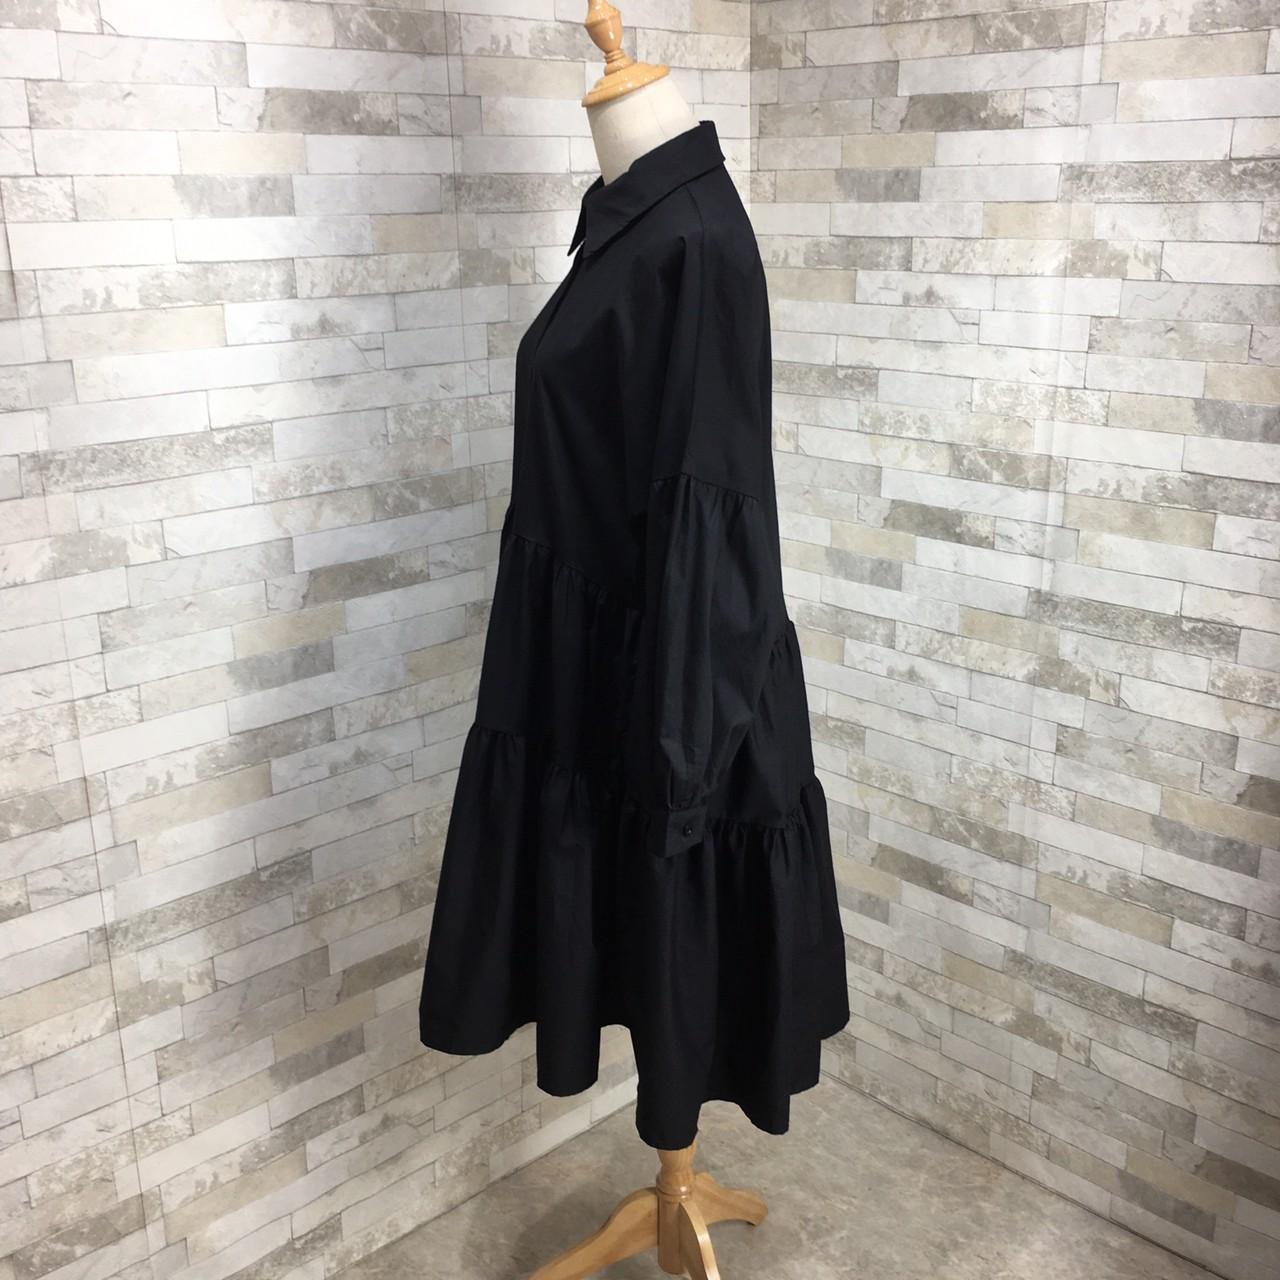 【即納】韓国 ファッション ワンピース 春 夏 秋 カジュアル SPTXI149  ティアード ドレープ ギャザー ゆったり オルチャン シンプル 定番 セレカジの写真12枚目